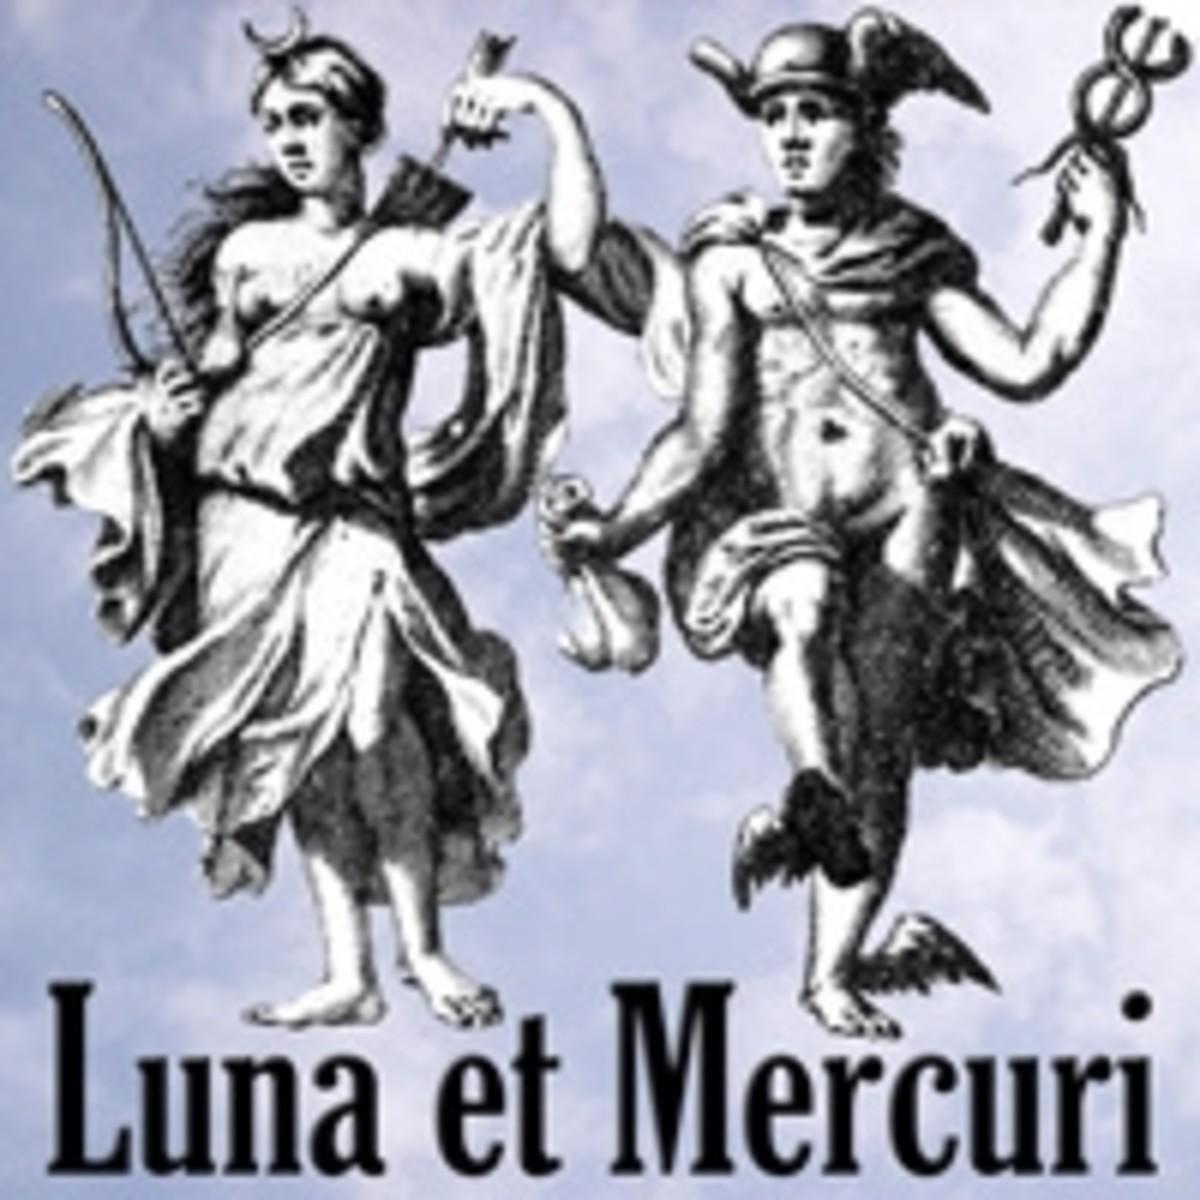 Roman mythology - Luna and Mercury